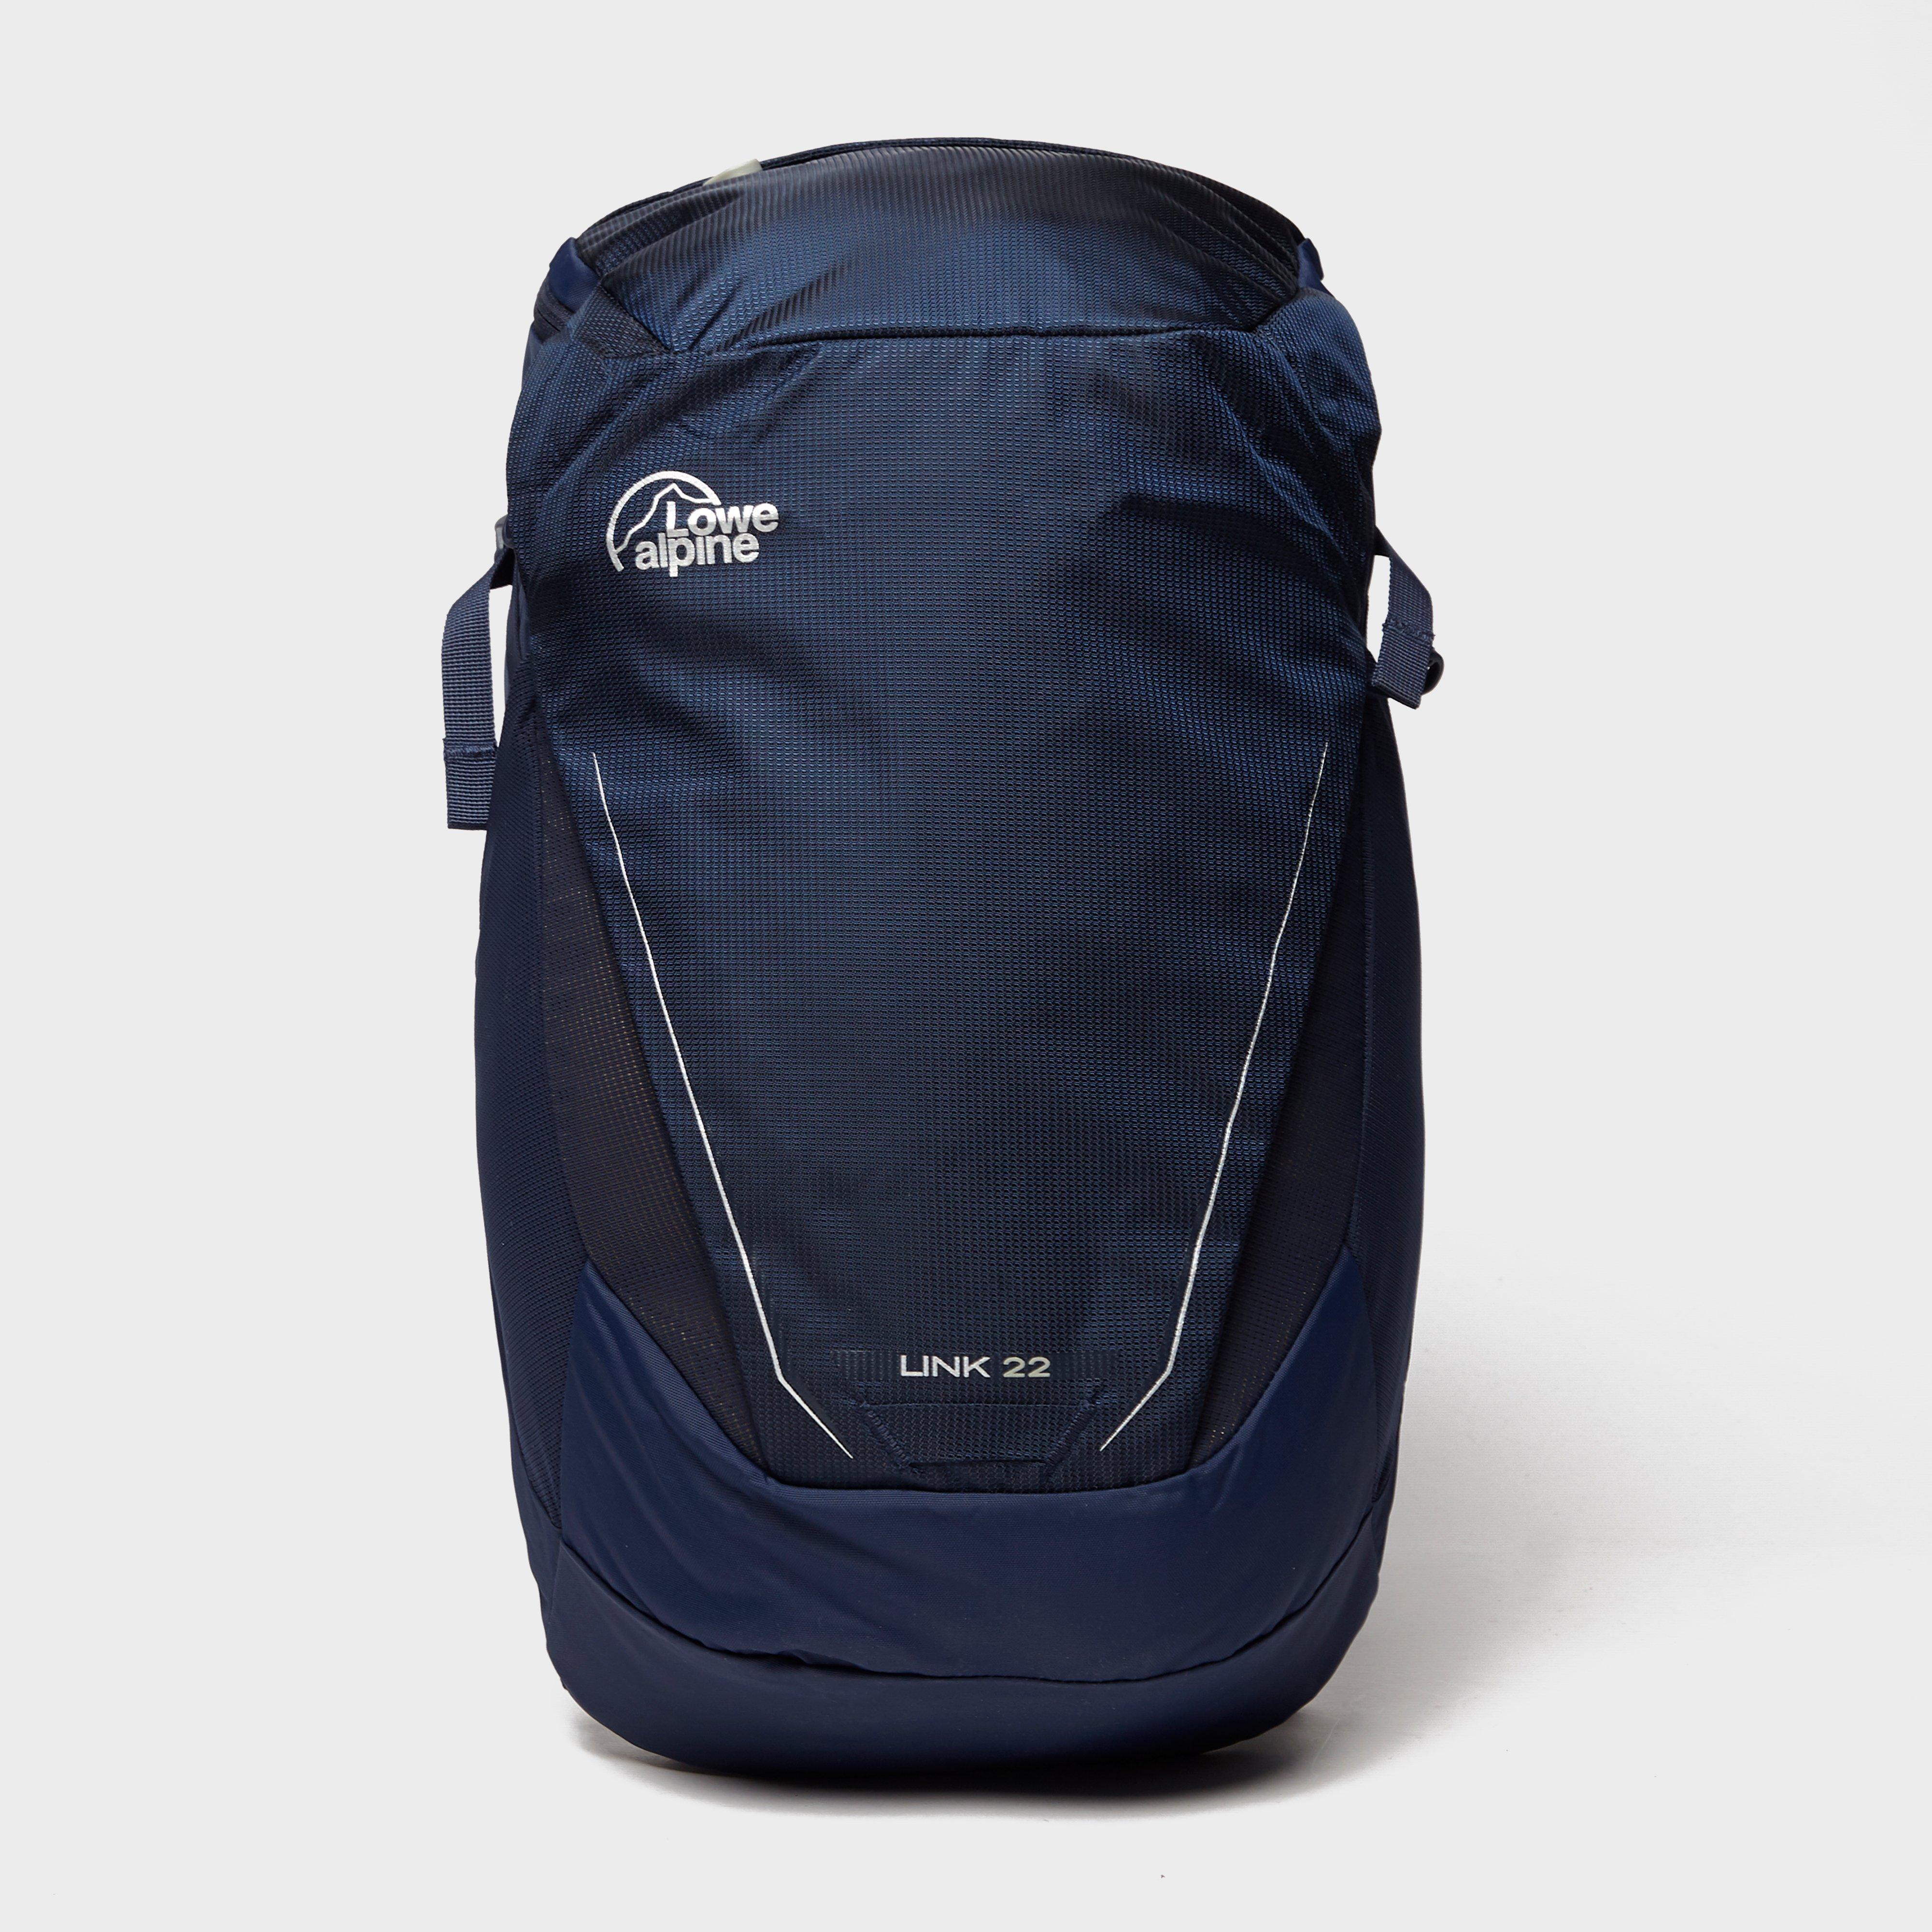 Lowe Alpine Lowe Alpine Link 22L Backpack - Blue, Blue